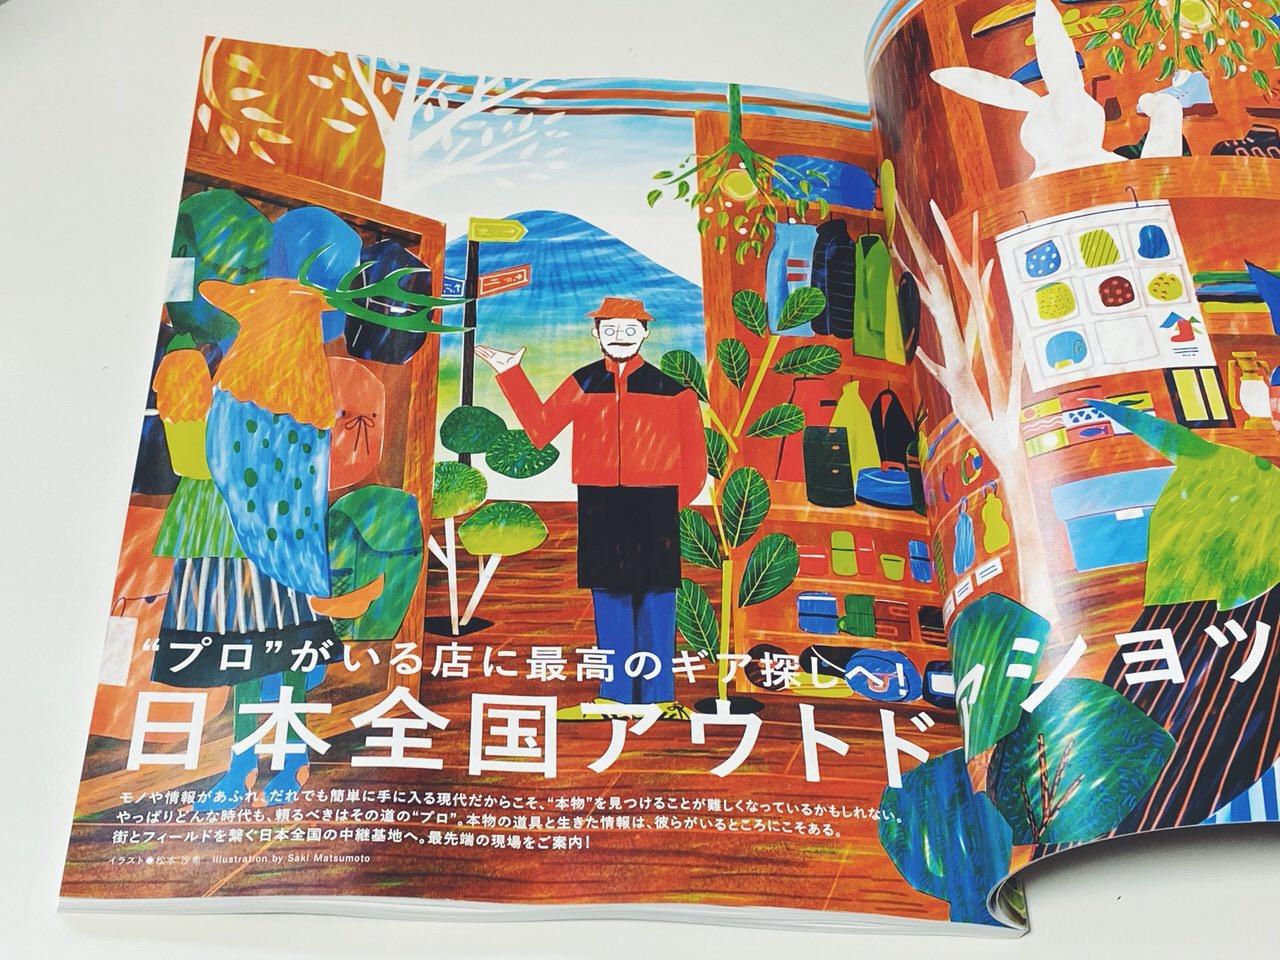 日本全国のアウトドアショップ125店舗を収録「PEAKS  2020年3月号」1